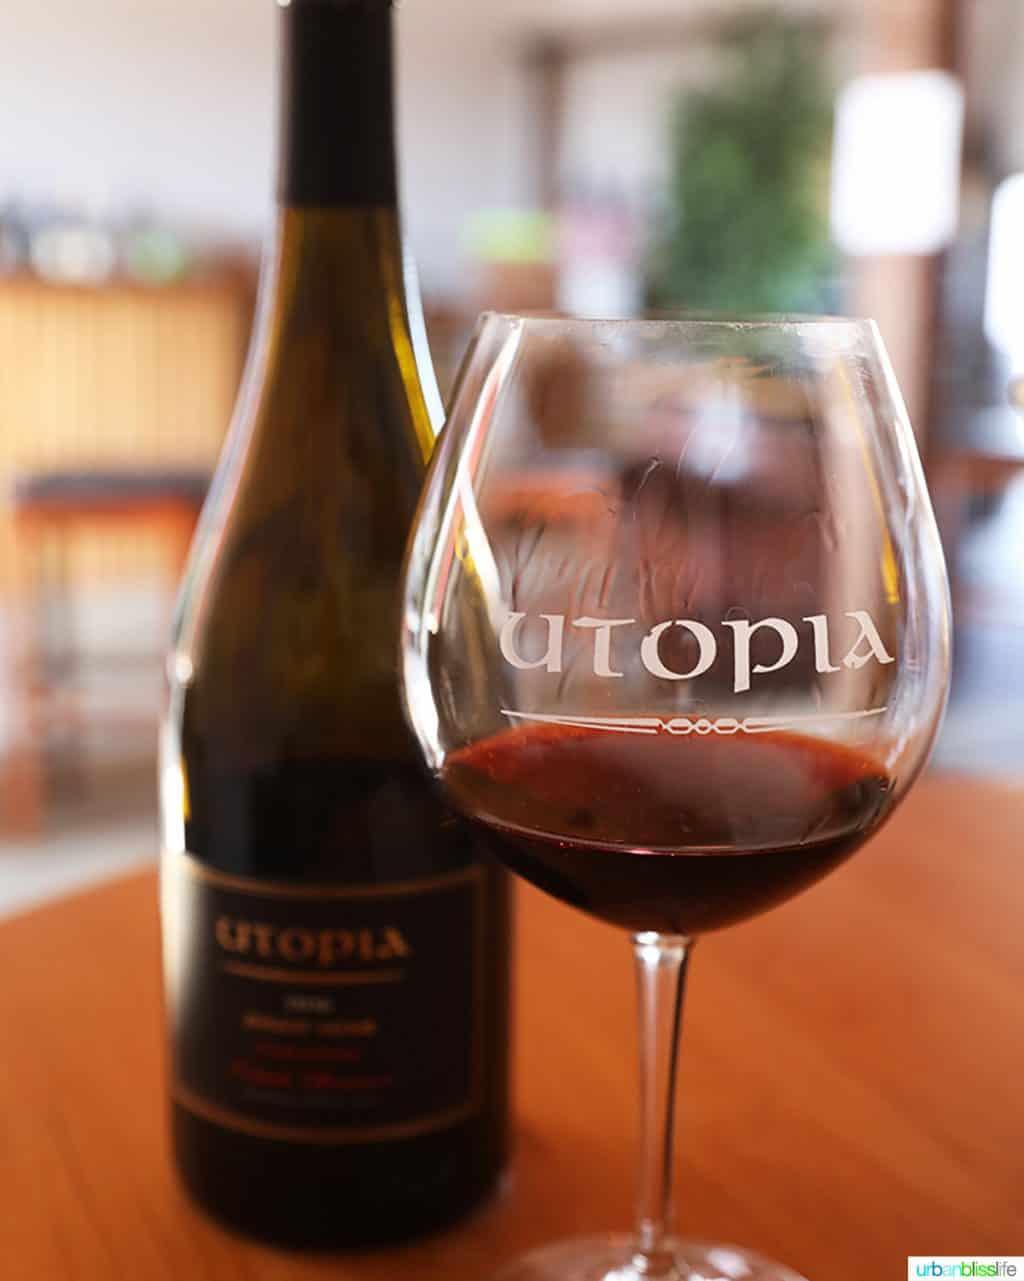 Utopia Vineyard pinot noir